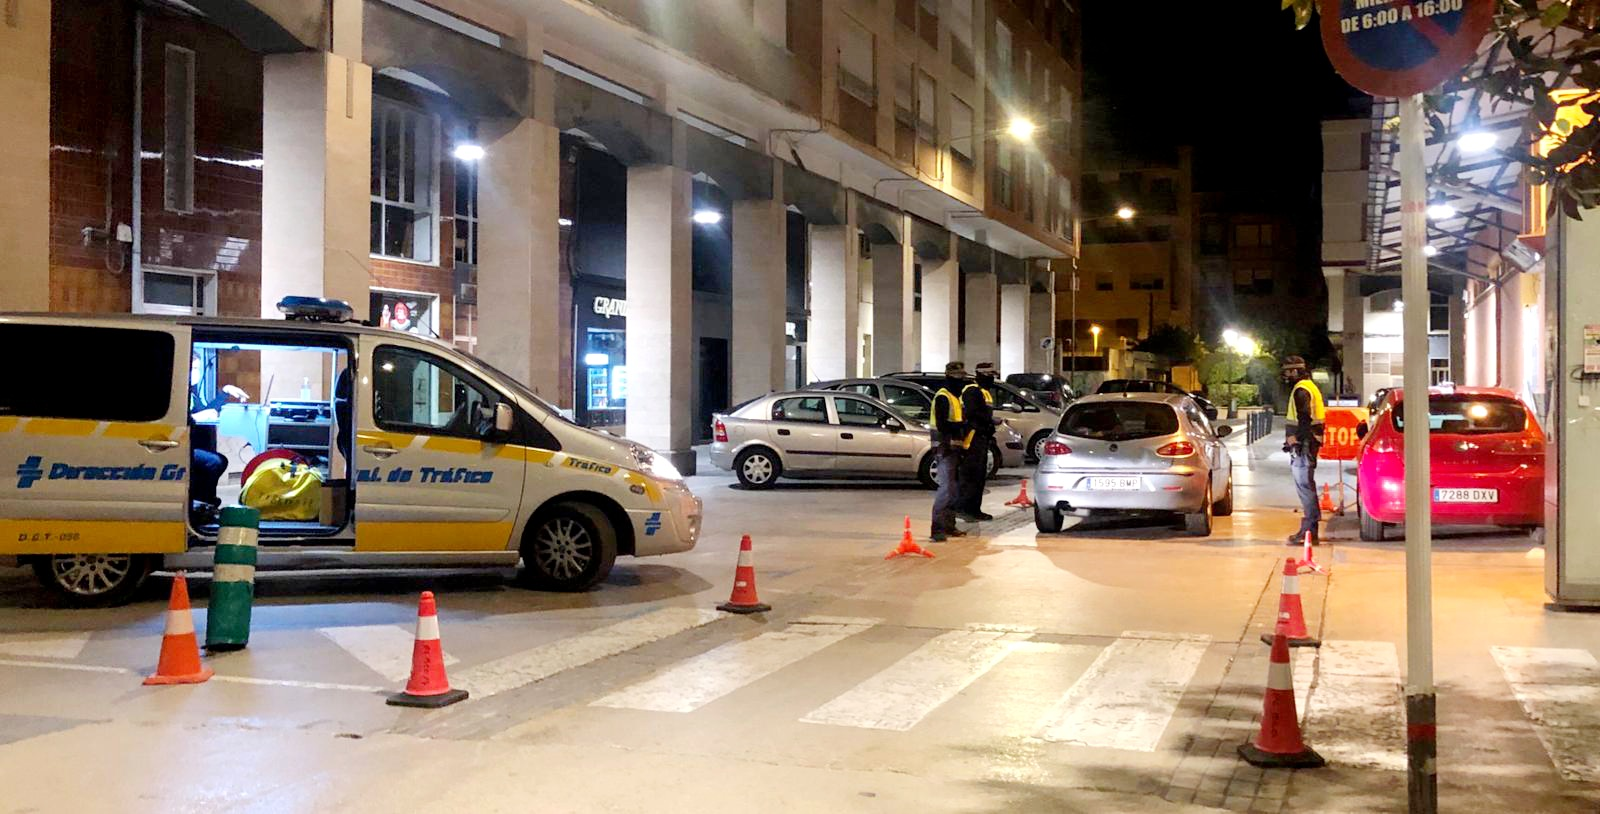 La Policia Local de Benicarló identifica a 20 persones i instrueix 6 denúncies per tinença de drogues